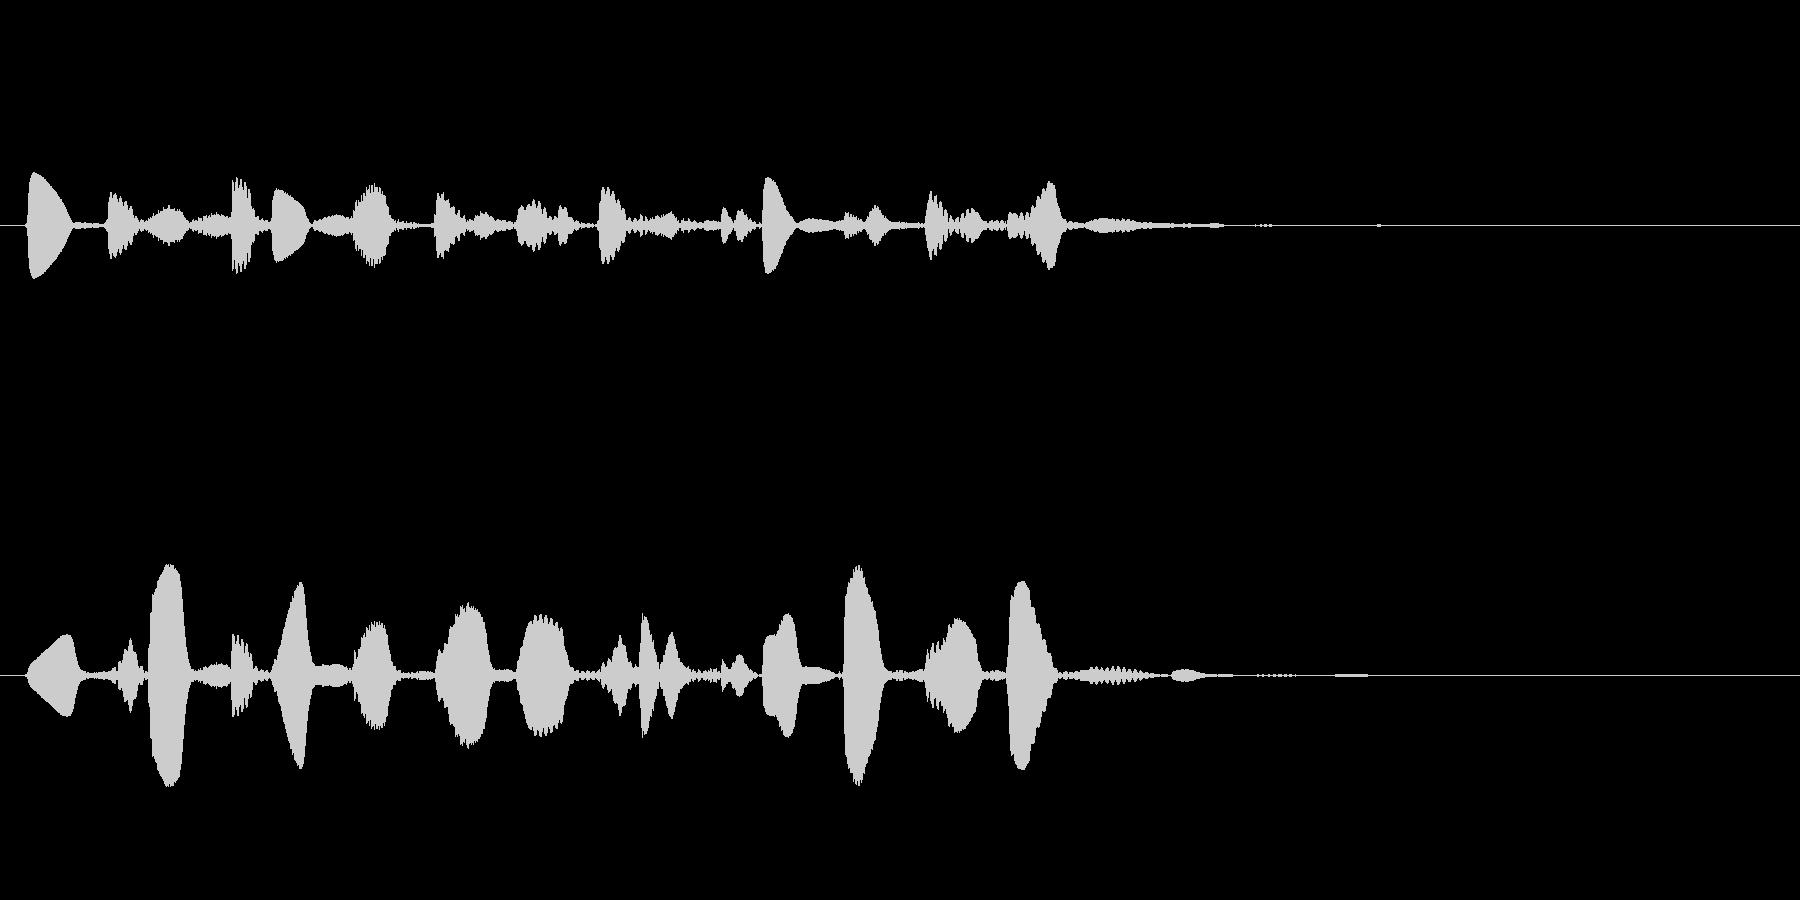 ドラマやアニメの場面転換の音の未再生の波形